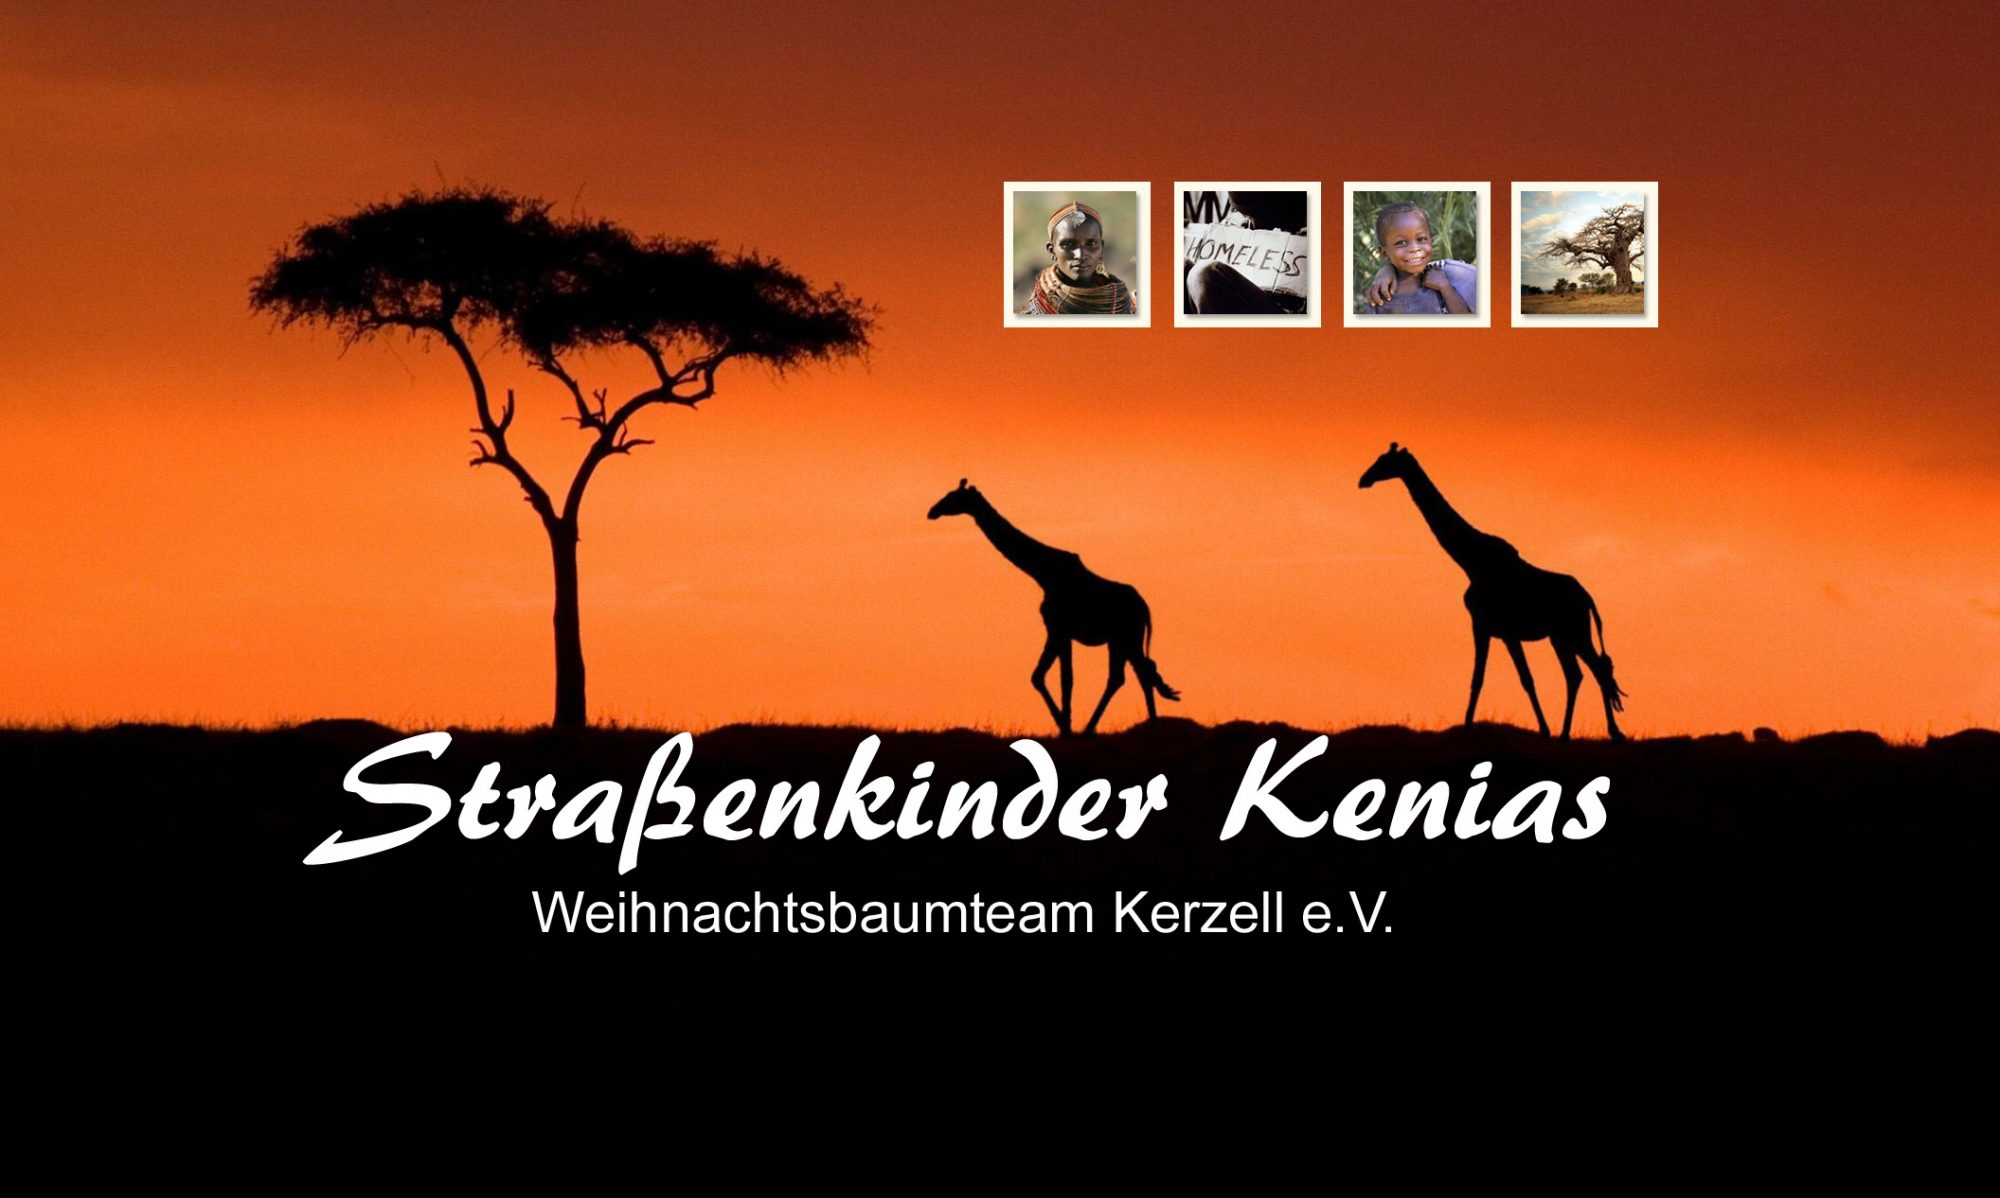 Weihnachtsbaumteam Kerzell e.V.